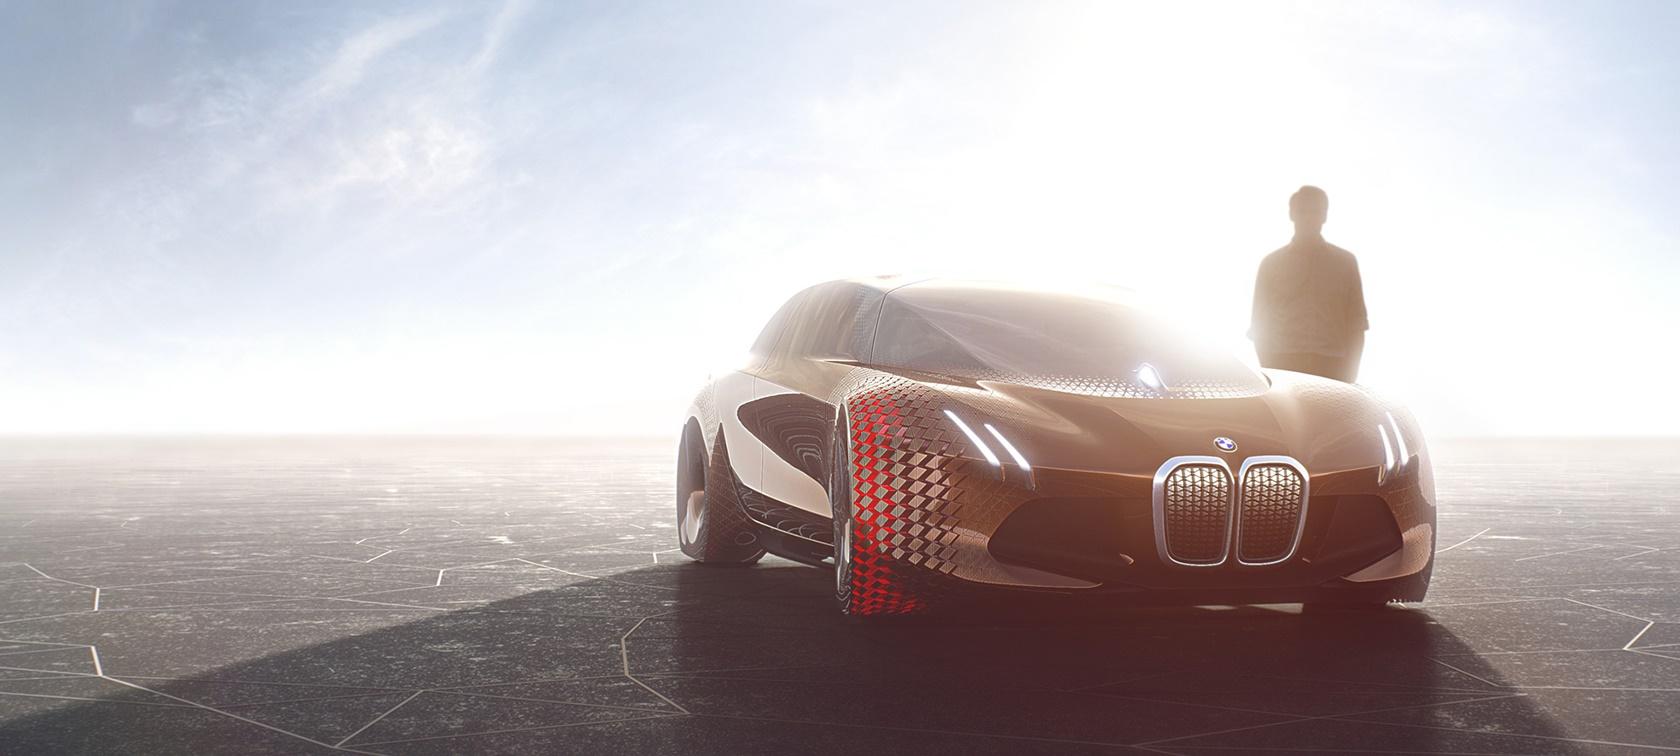 خبر جدید از «i Next» خودروی تمام کامپیوتری بی م و در سال 2021 / عکس